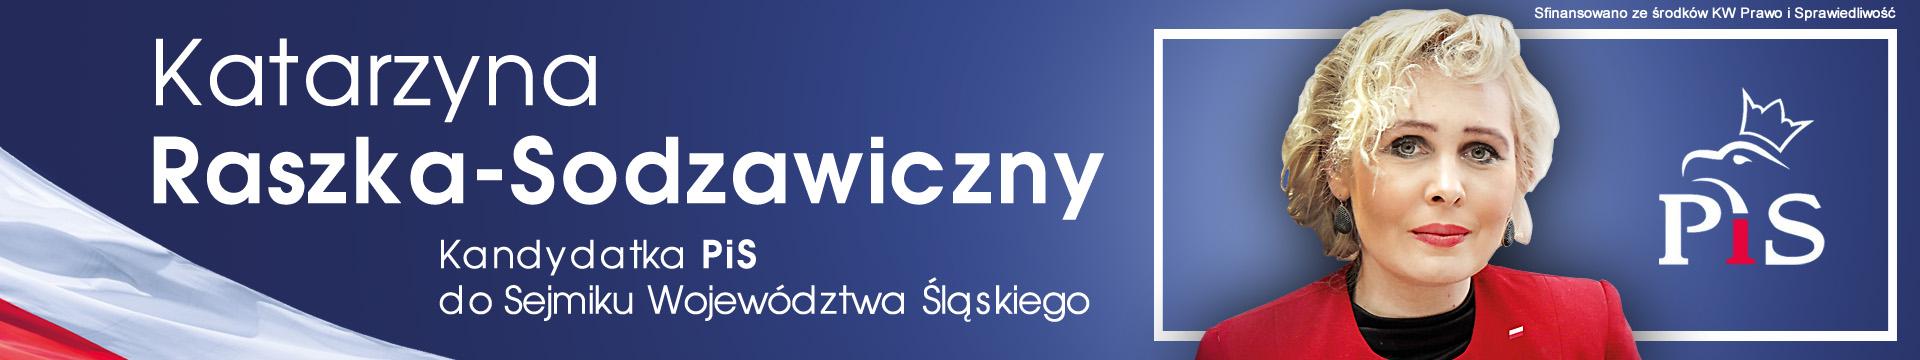 Katarzyna Raszka-Sodzawiczny